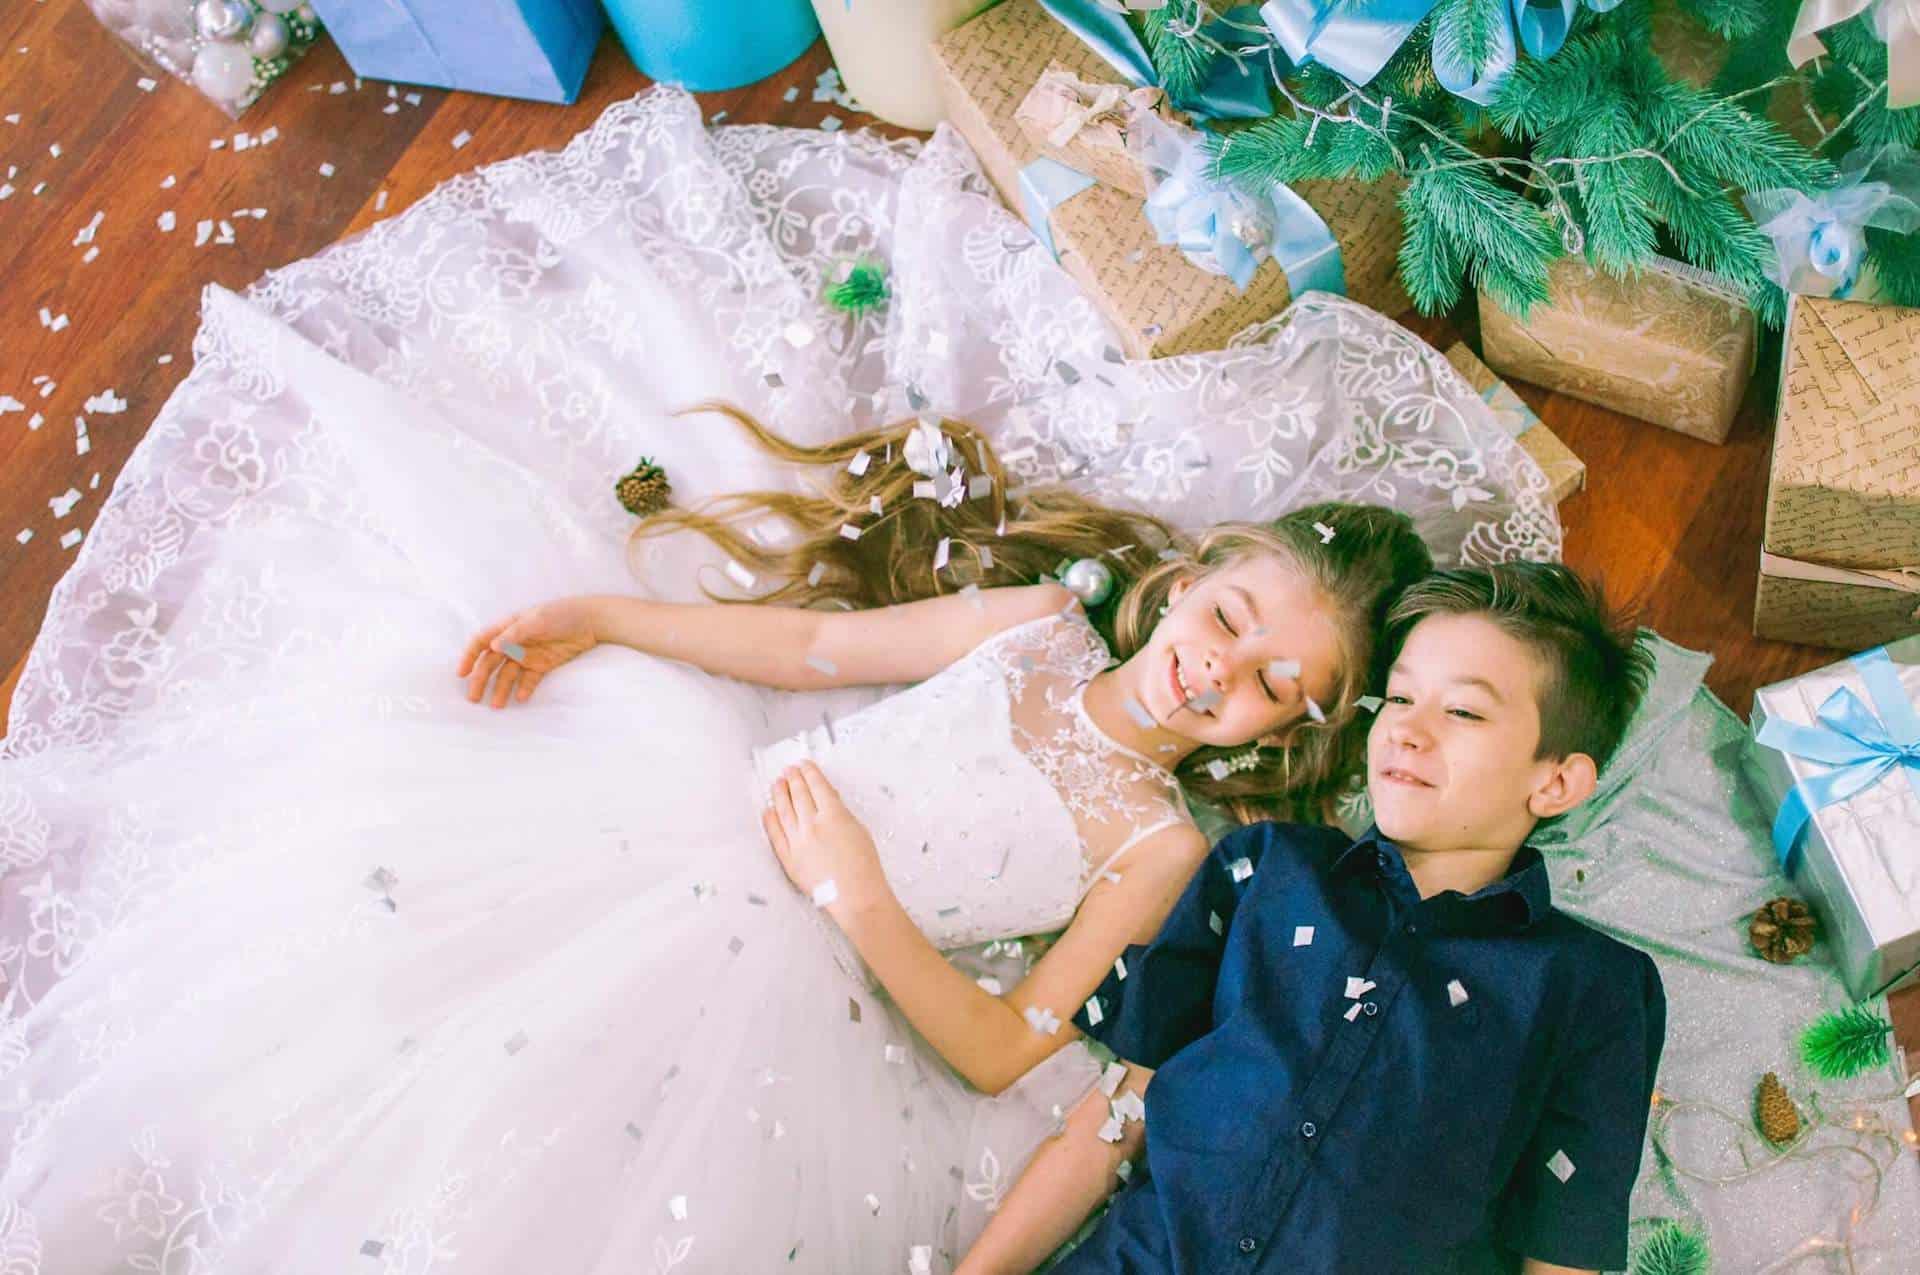 Chlapec a dívka měli sen o svém svatební dni